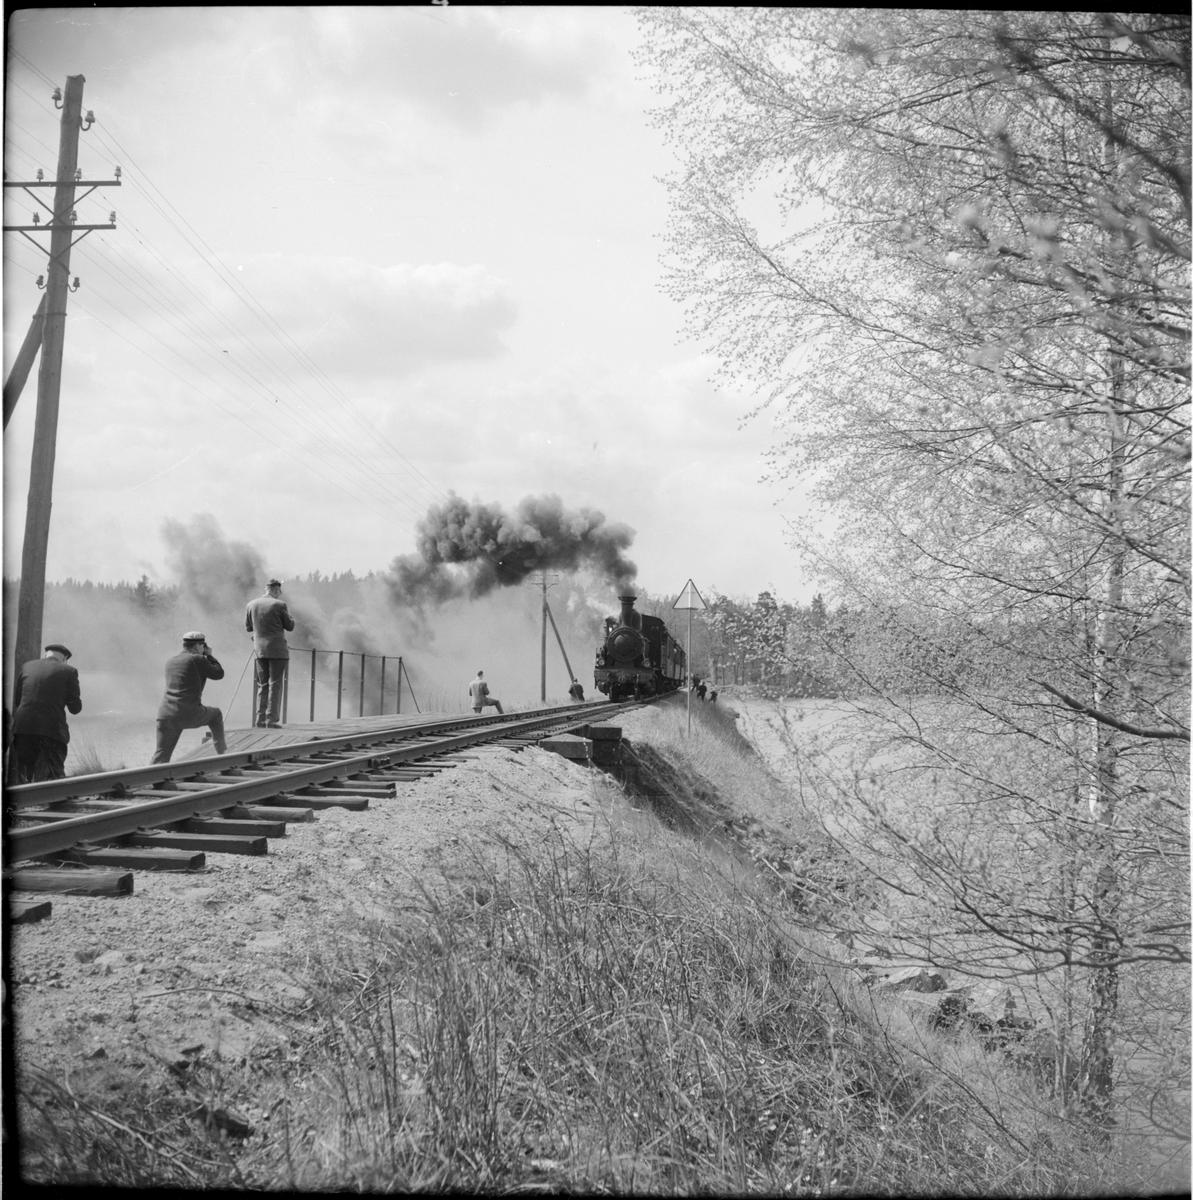 Troligen Statens Järnvägar, SJ Gp 3043 i trafik.